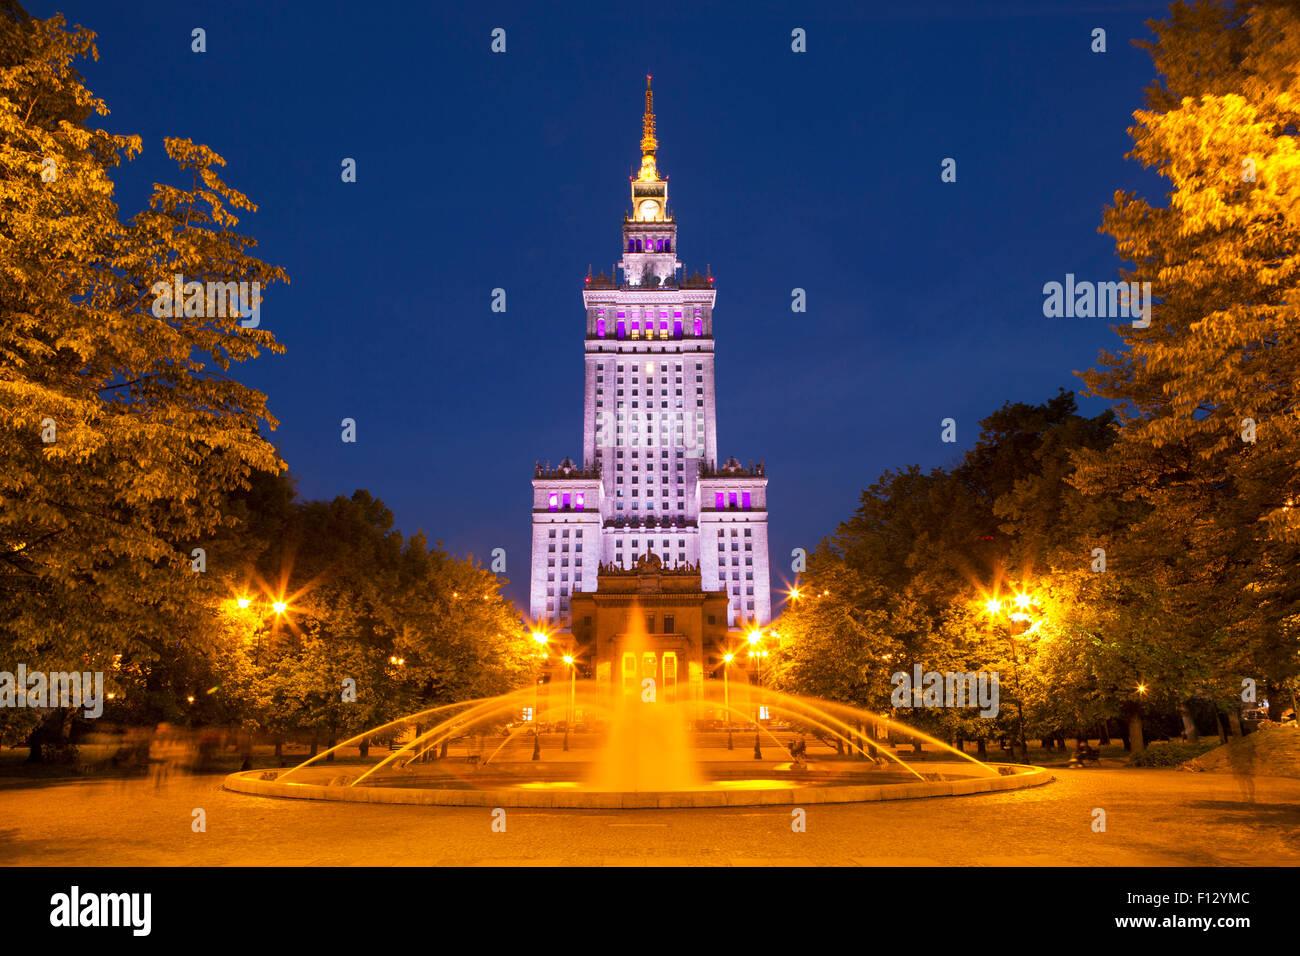 Il Palazzo della Cultura e della scienza a Varsavia in Polonia durante la notte. Immagini Stock